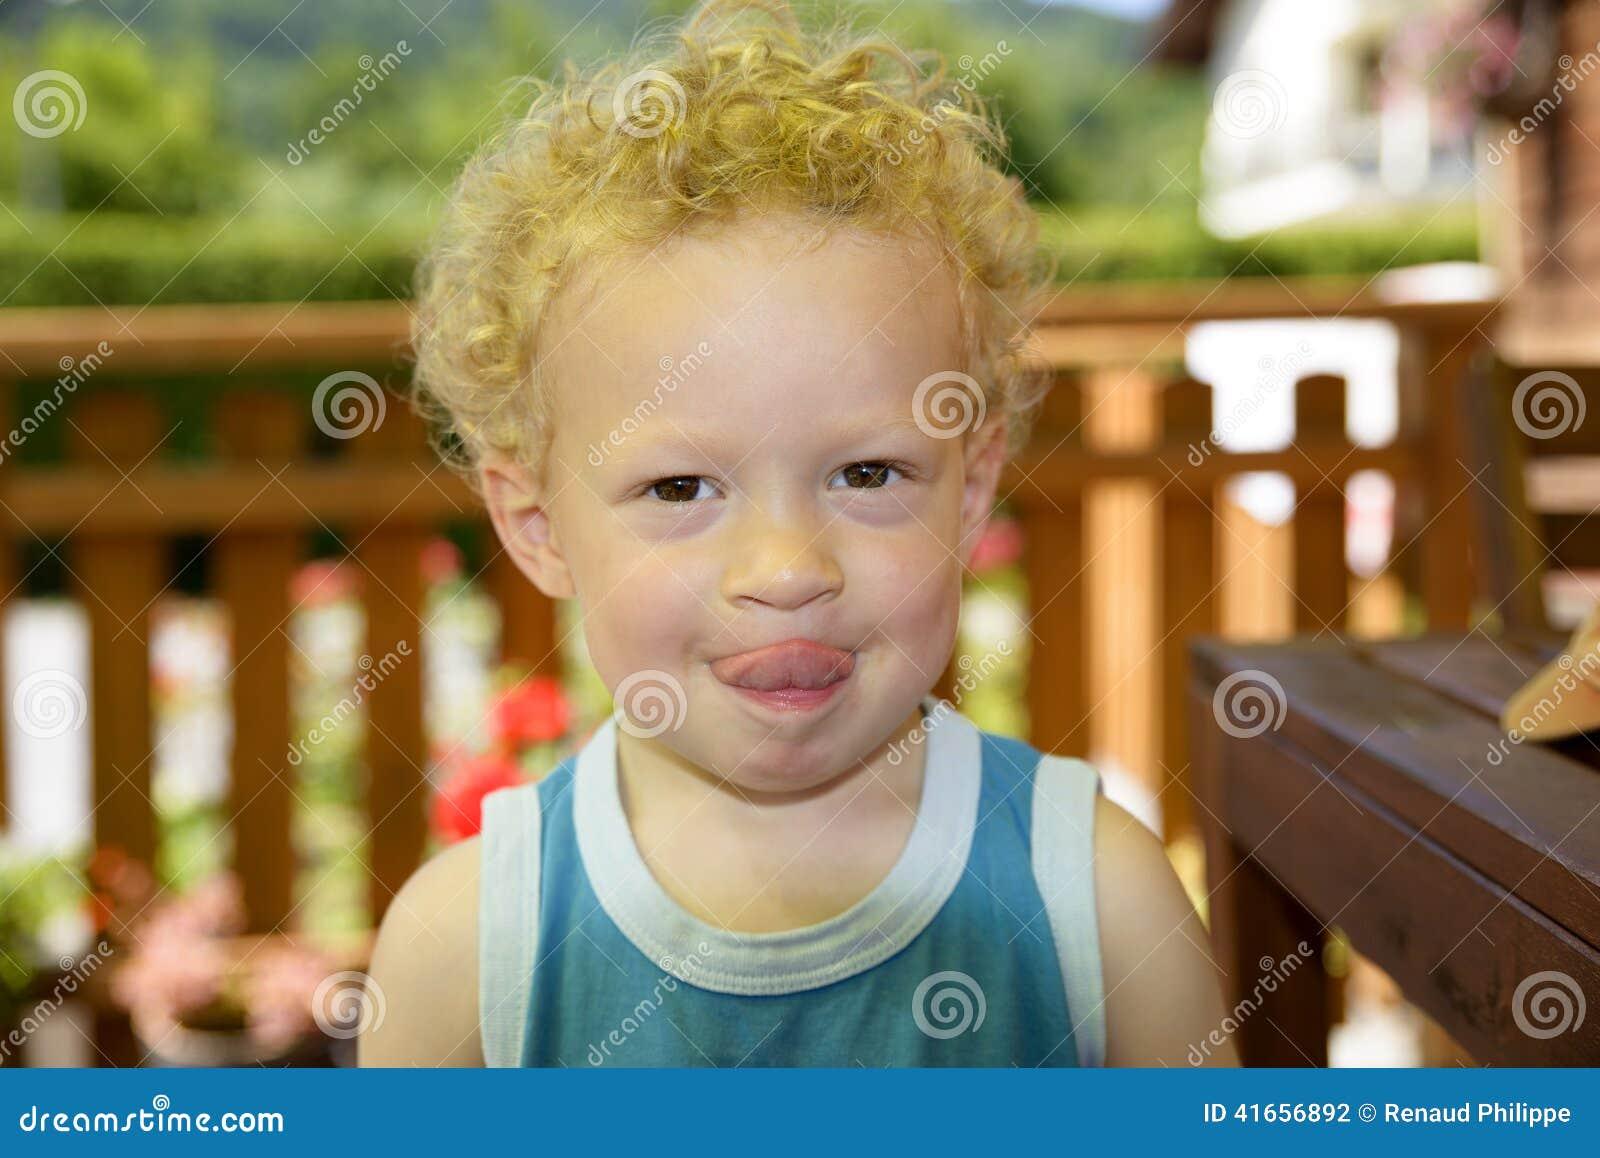 Ребенок делает гримасу